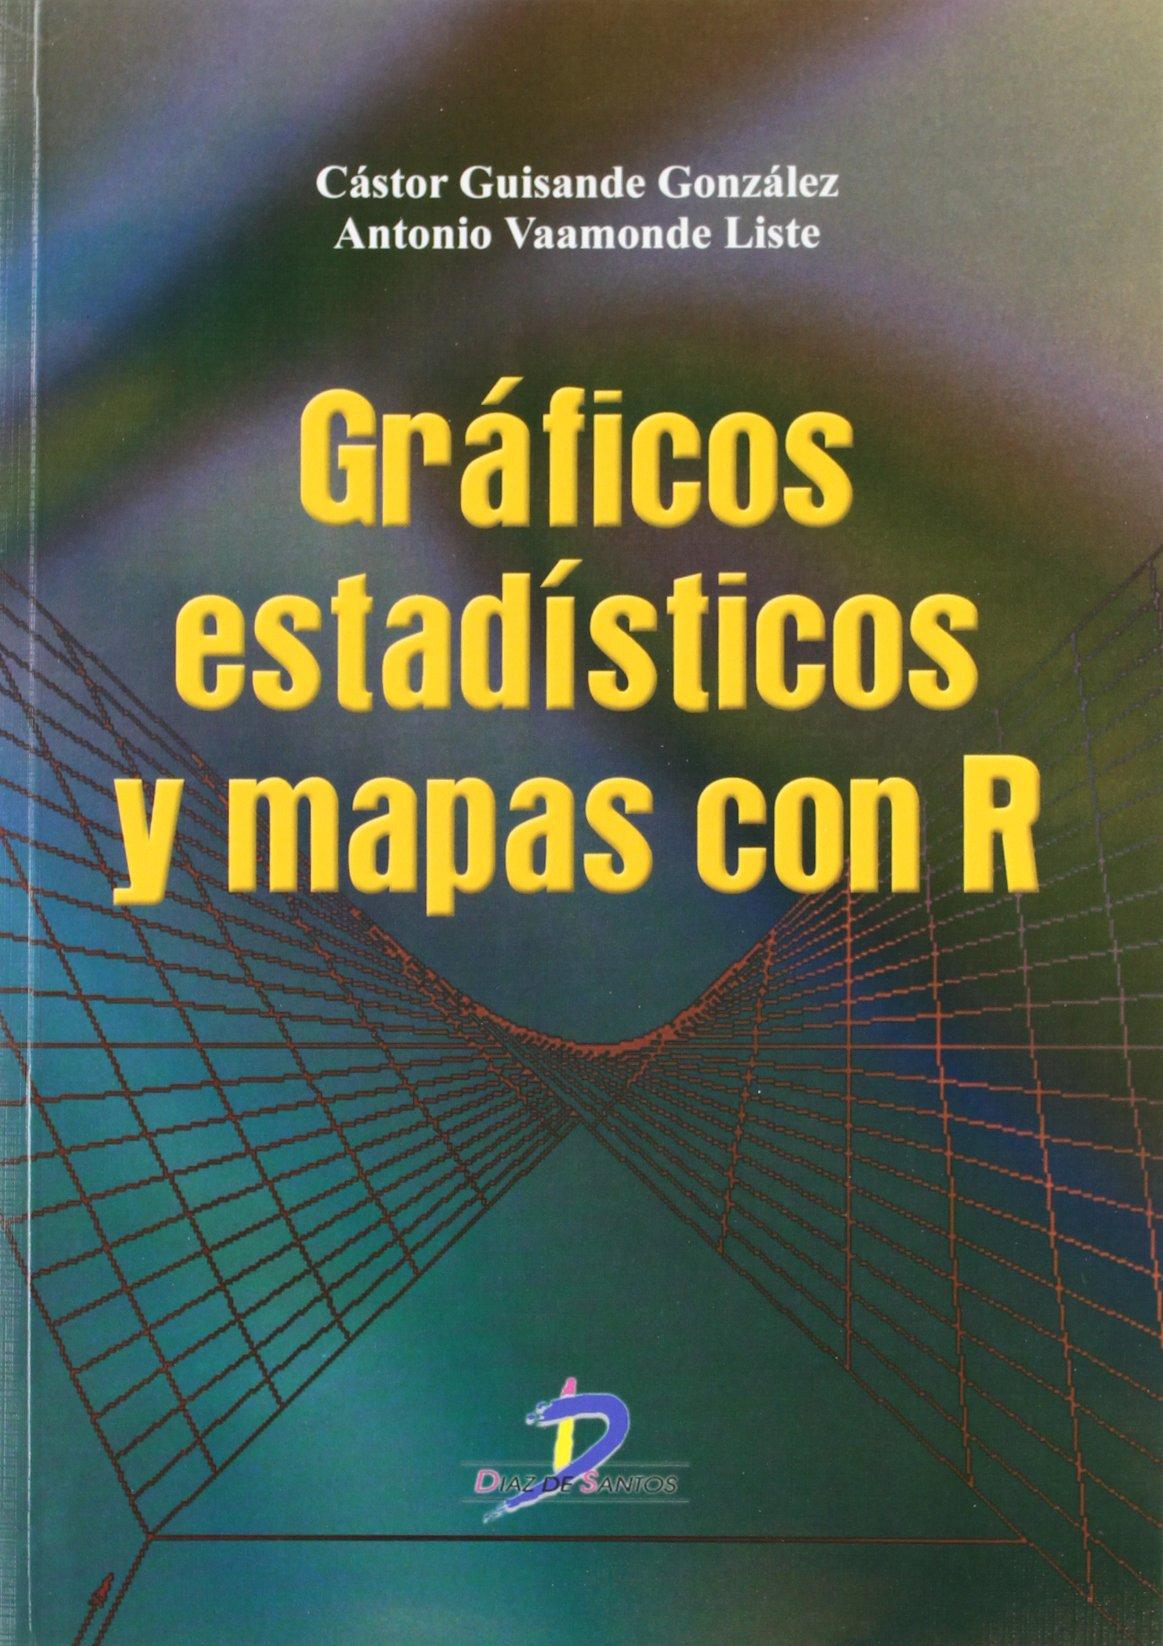 Gráficos Estadísticos Y Mapas Con R: Amazon.es: Castor ...